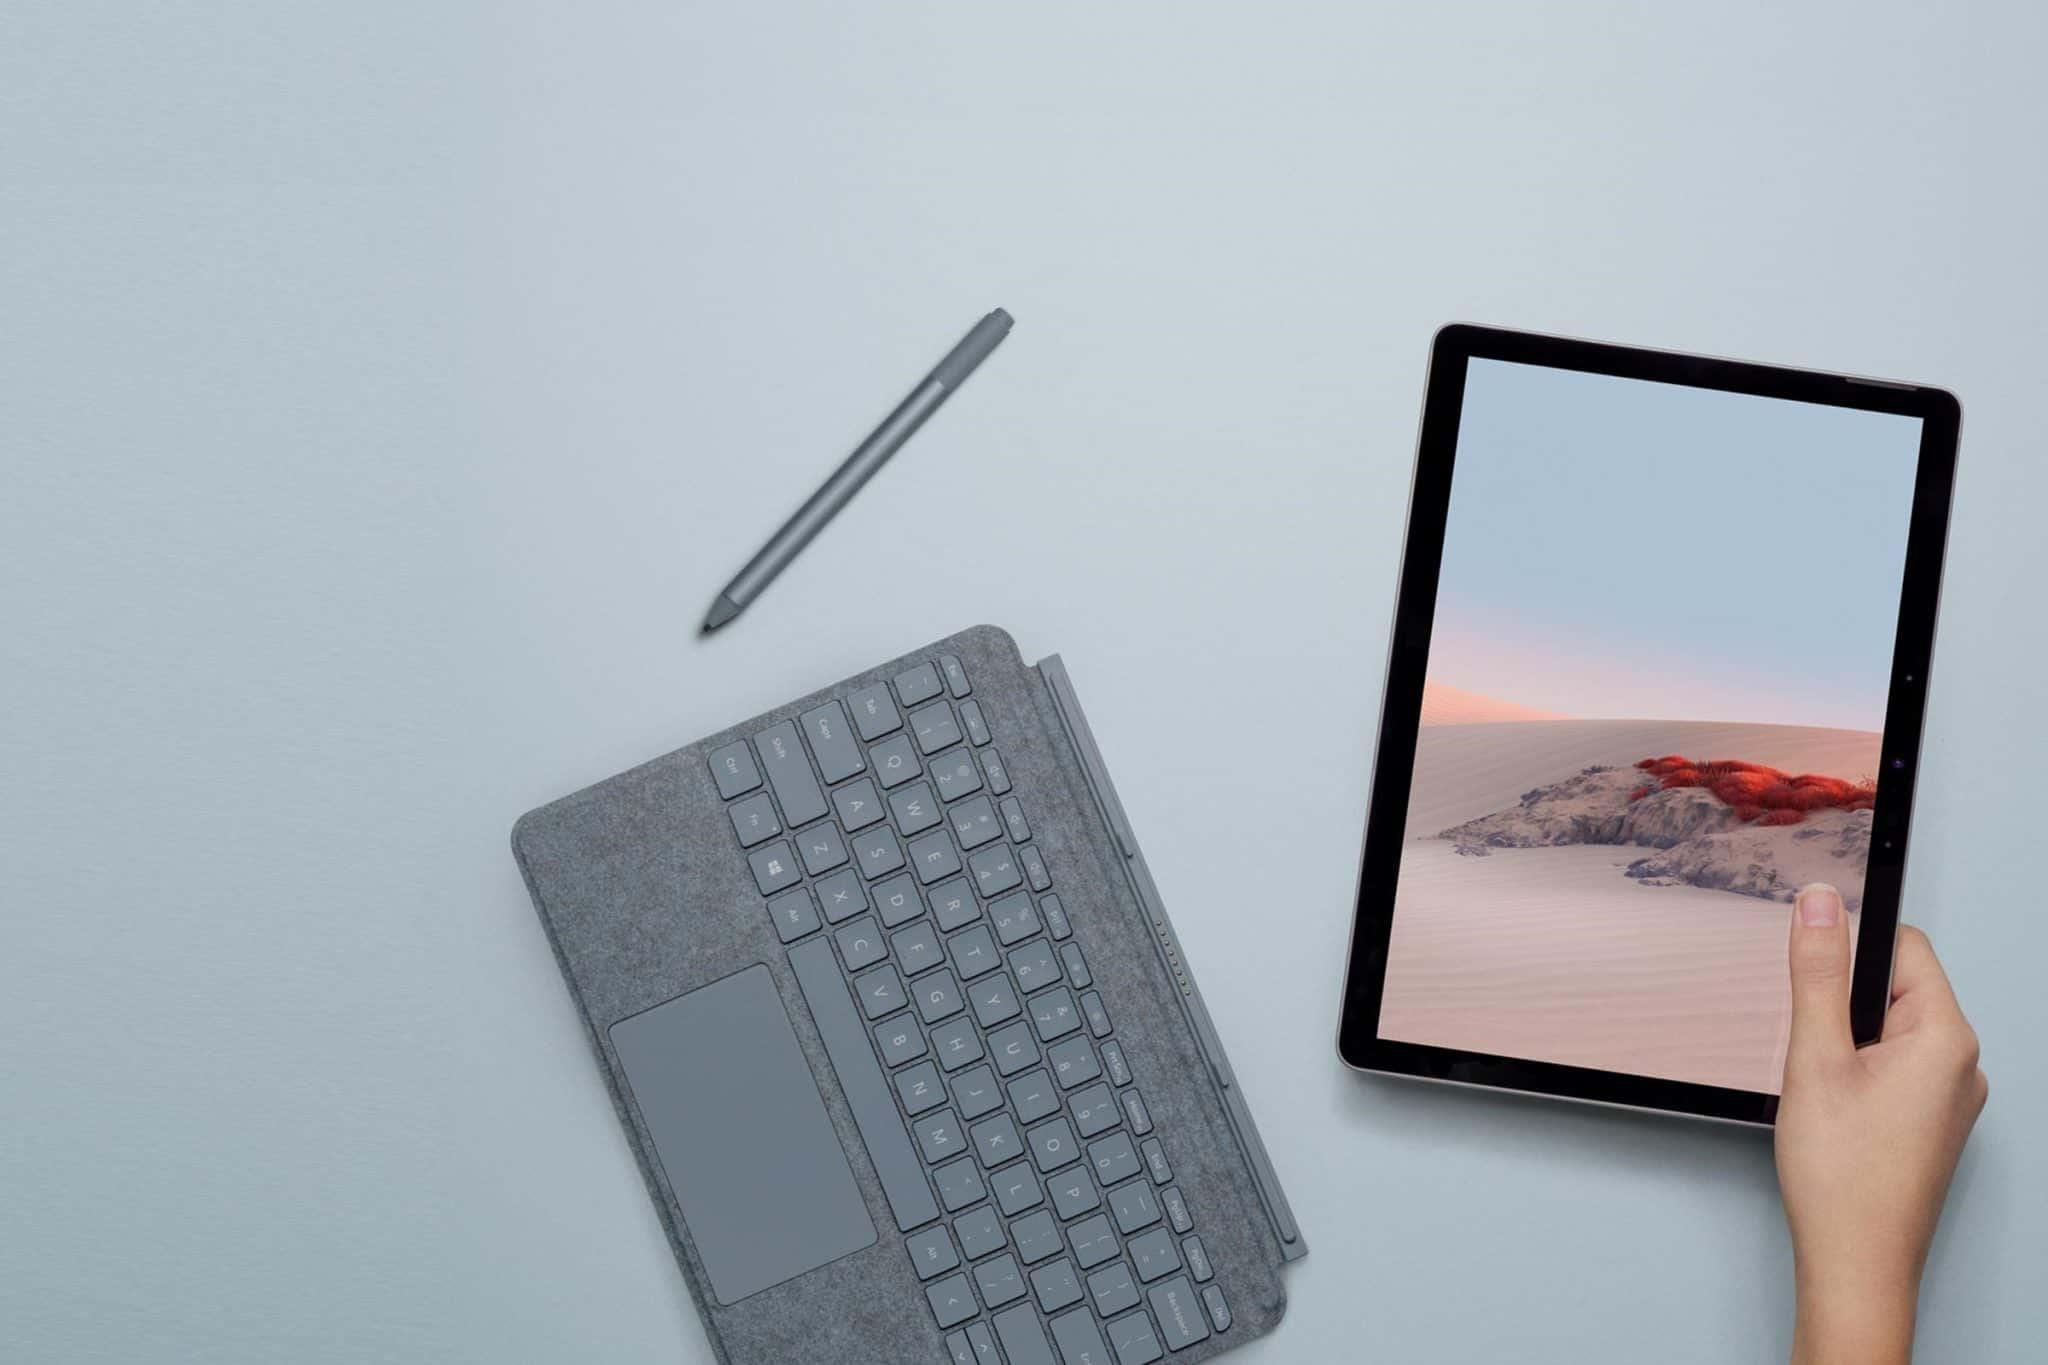 DIGBUSEL - Desain dan Tampilan Surface Go 2: Apa yang berubah?